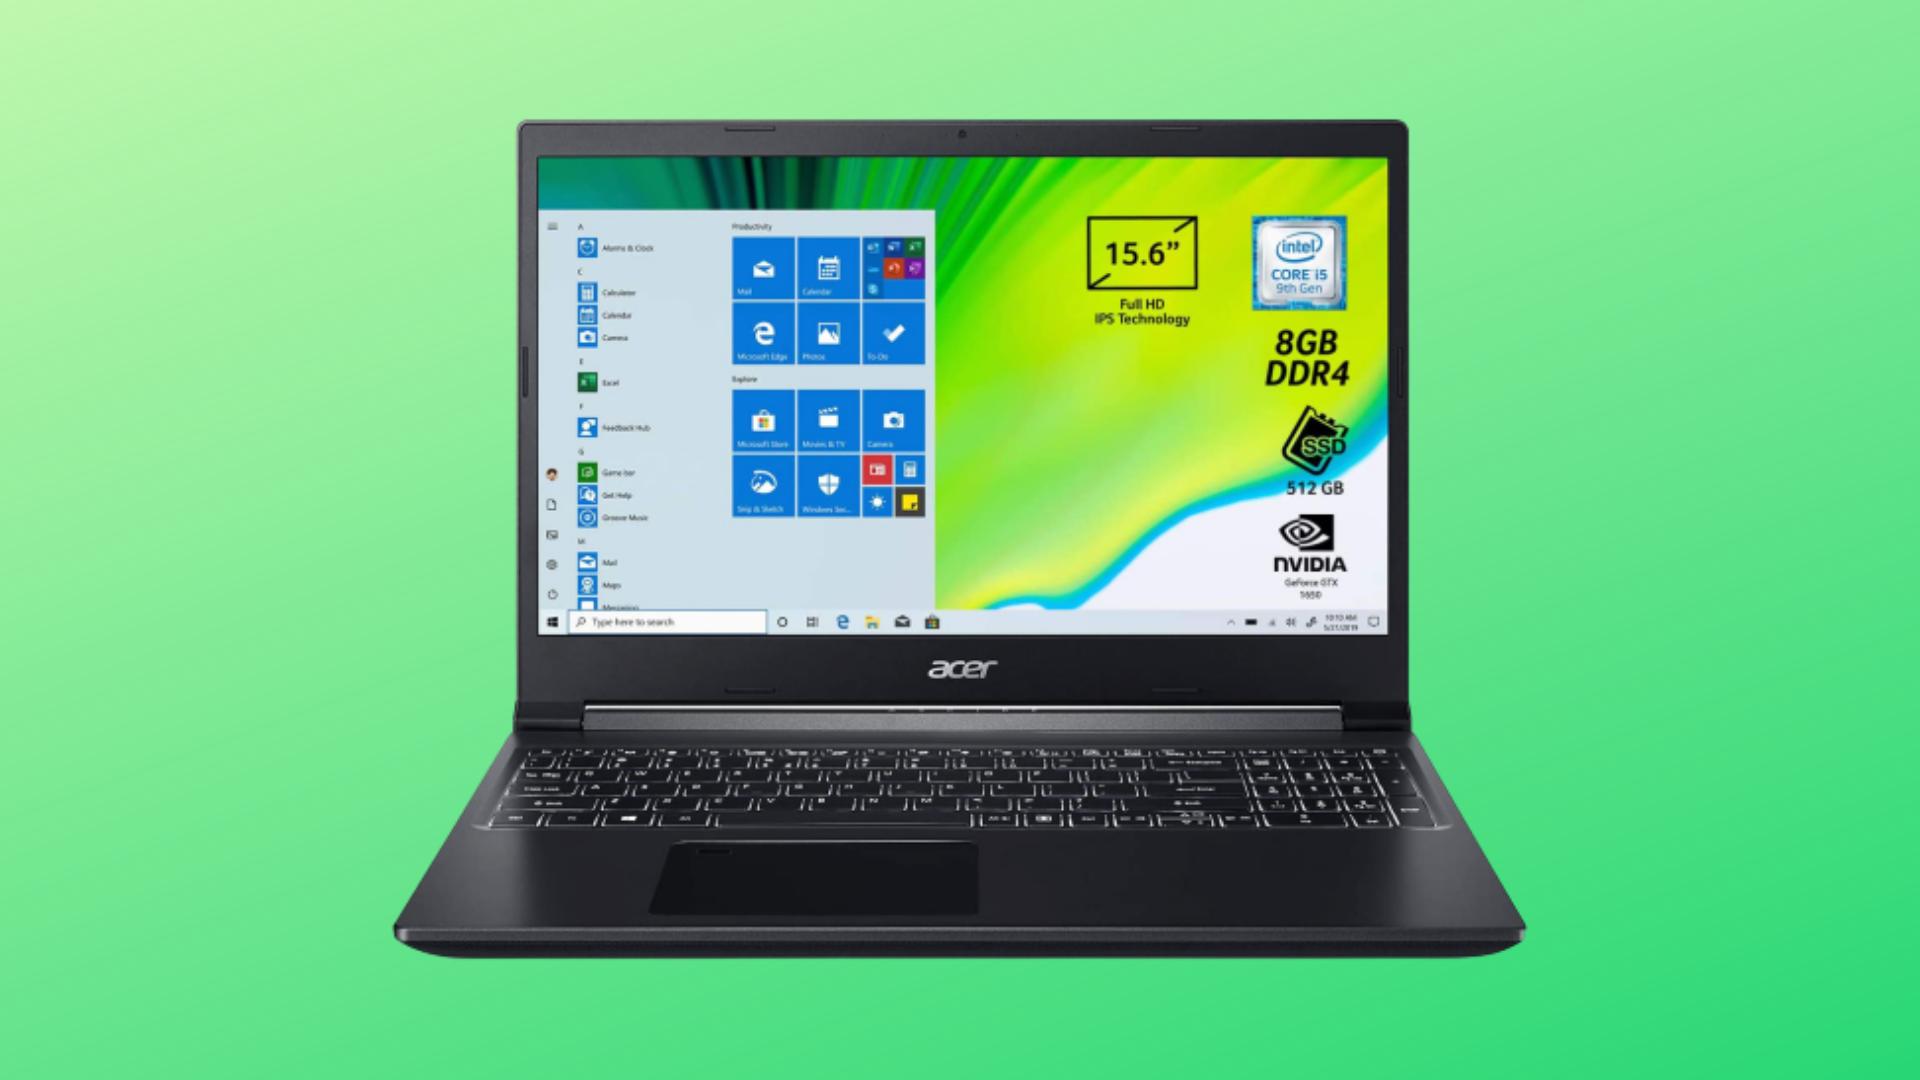 Acer Aspire 7 mai visto a questo prezzo! GPU GeForce, Intel i5 e cornici sottili - image  on https://www.zxbyte.com